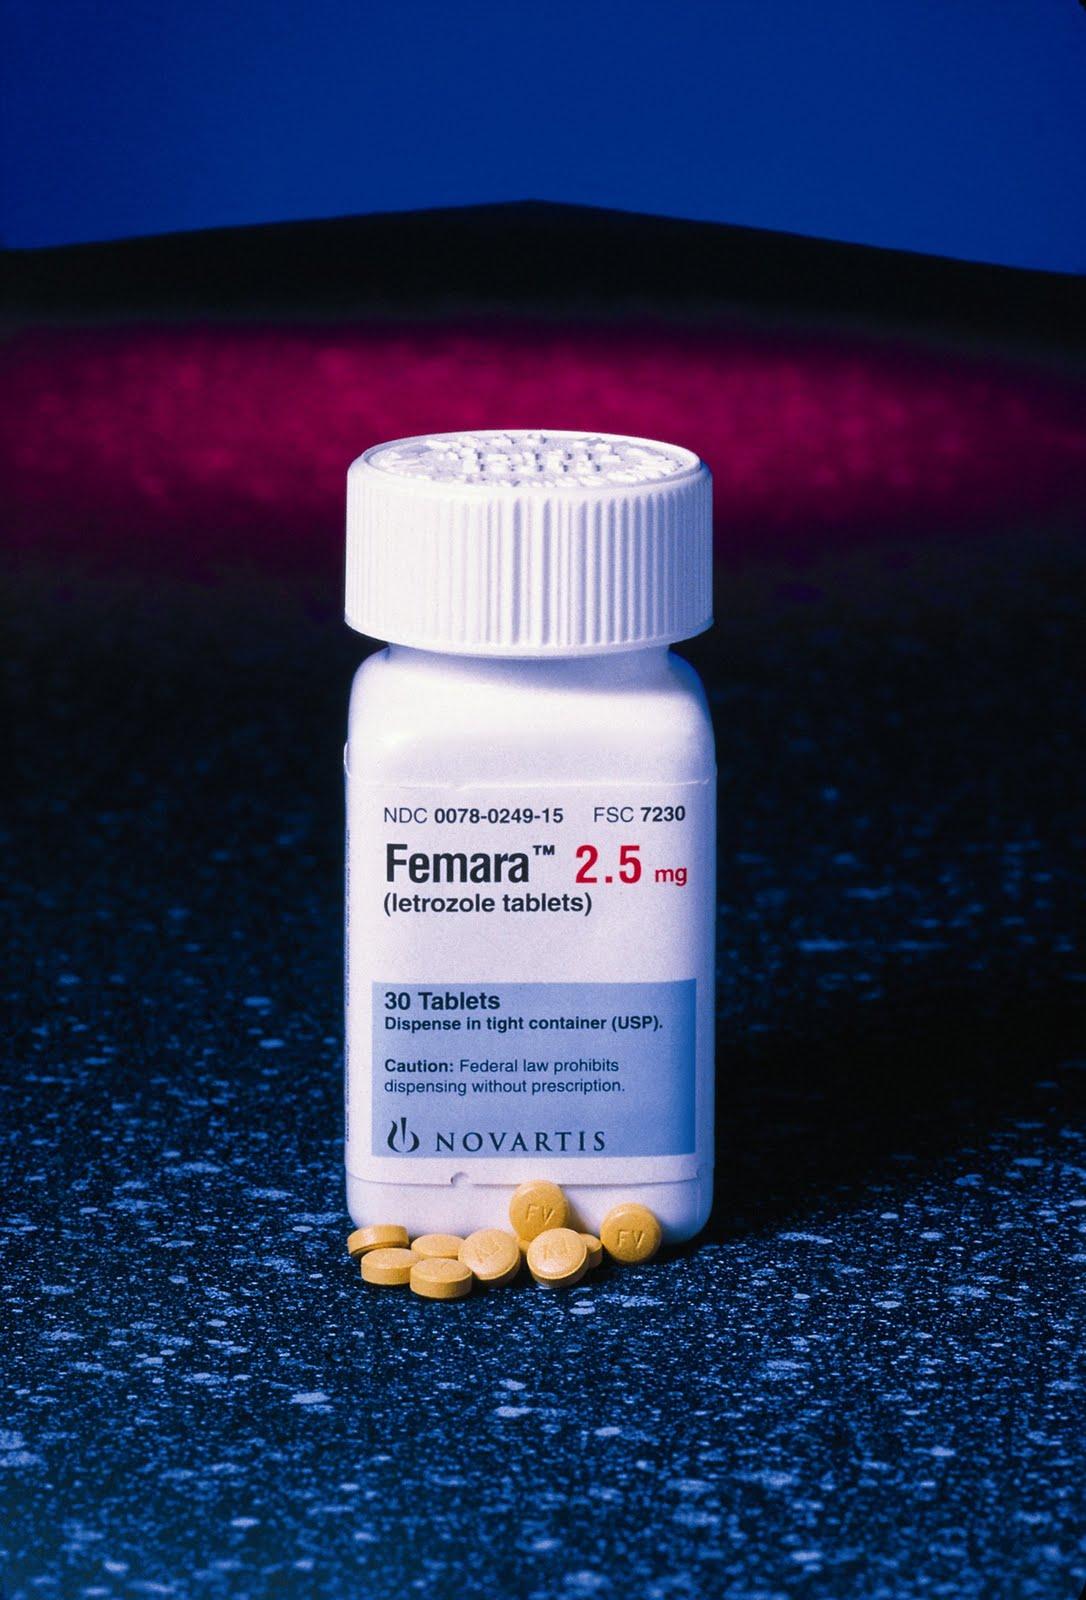 2.19 générique priligy dapoxetine 60 mg